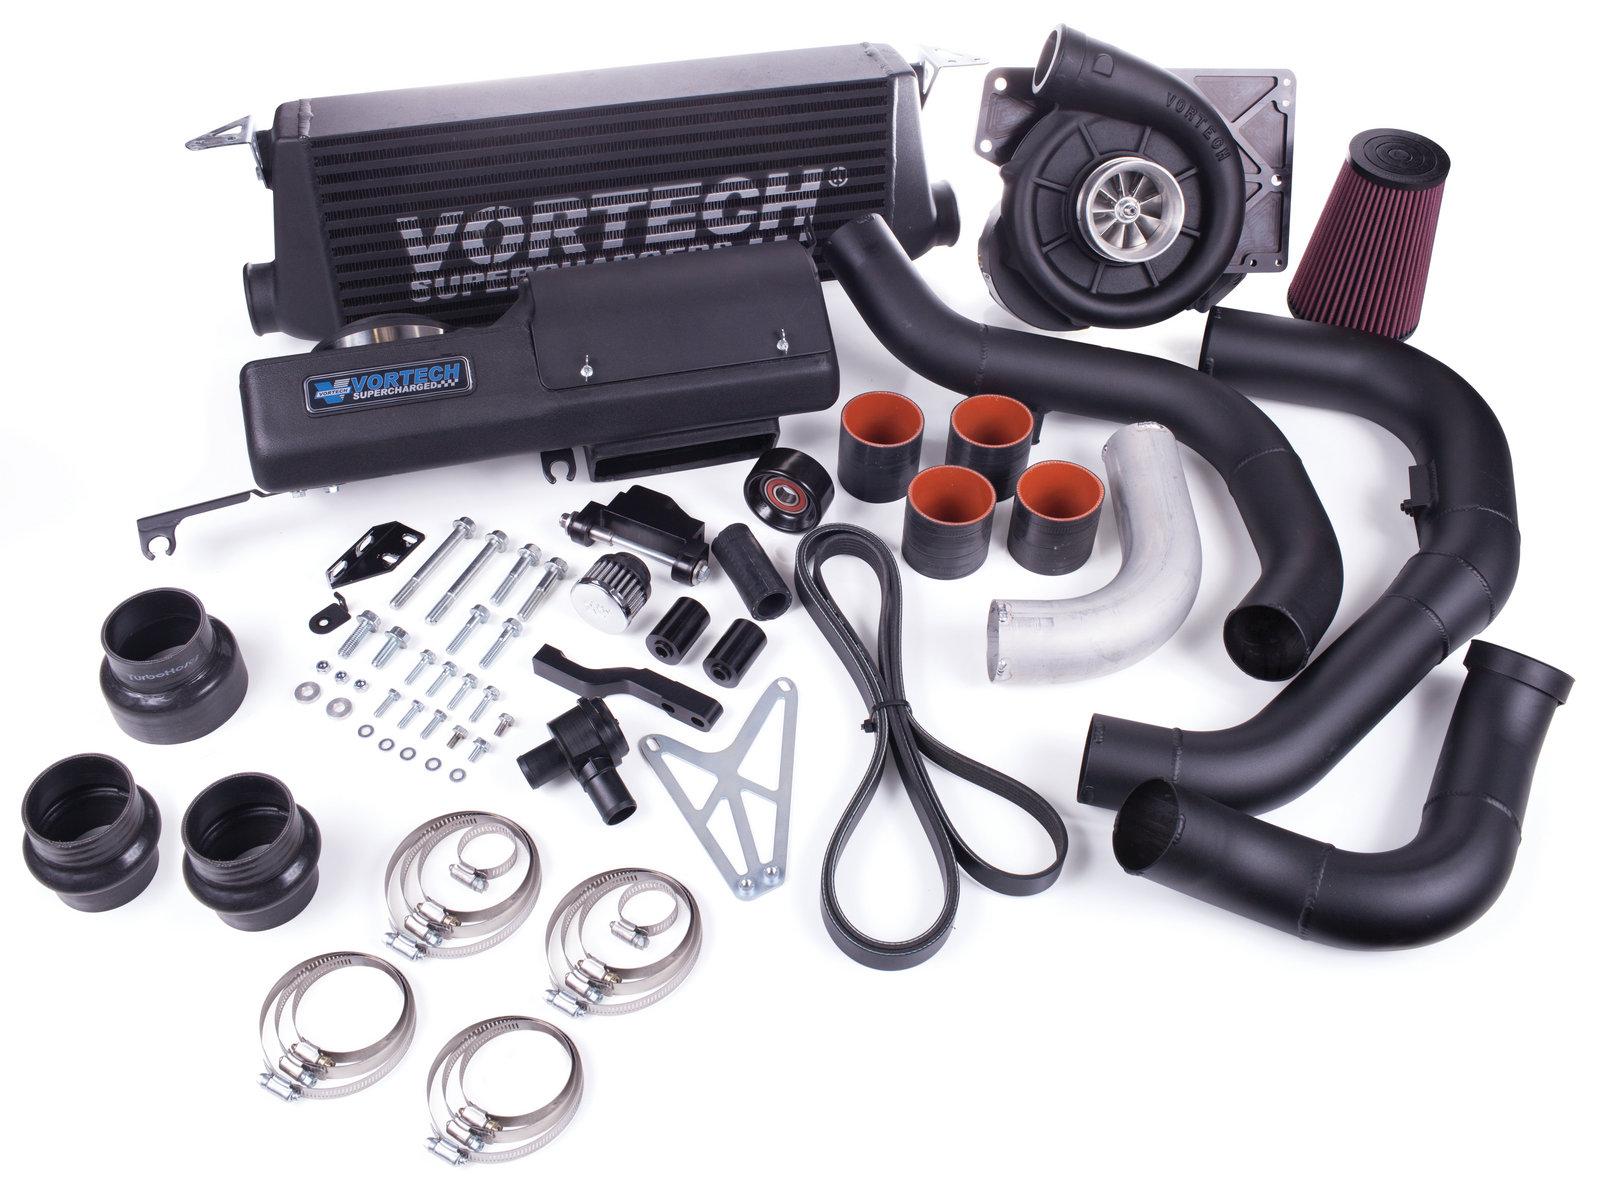 Vortech Supercharger Kit Subaru Brz And Scion Fr S